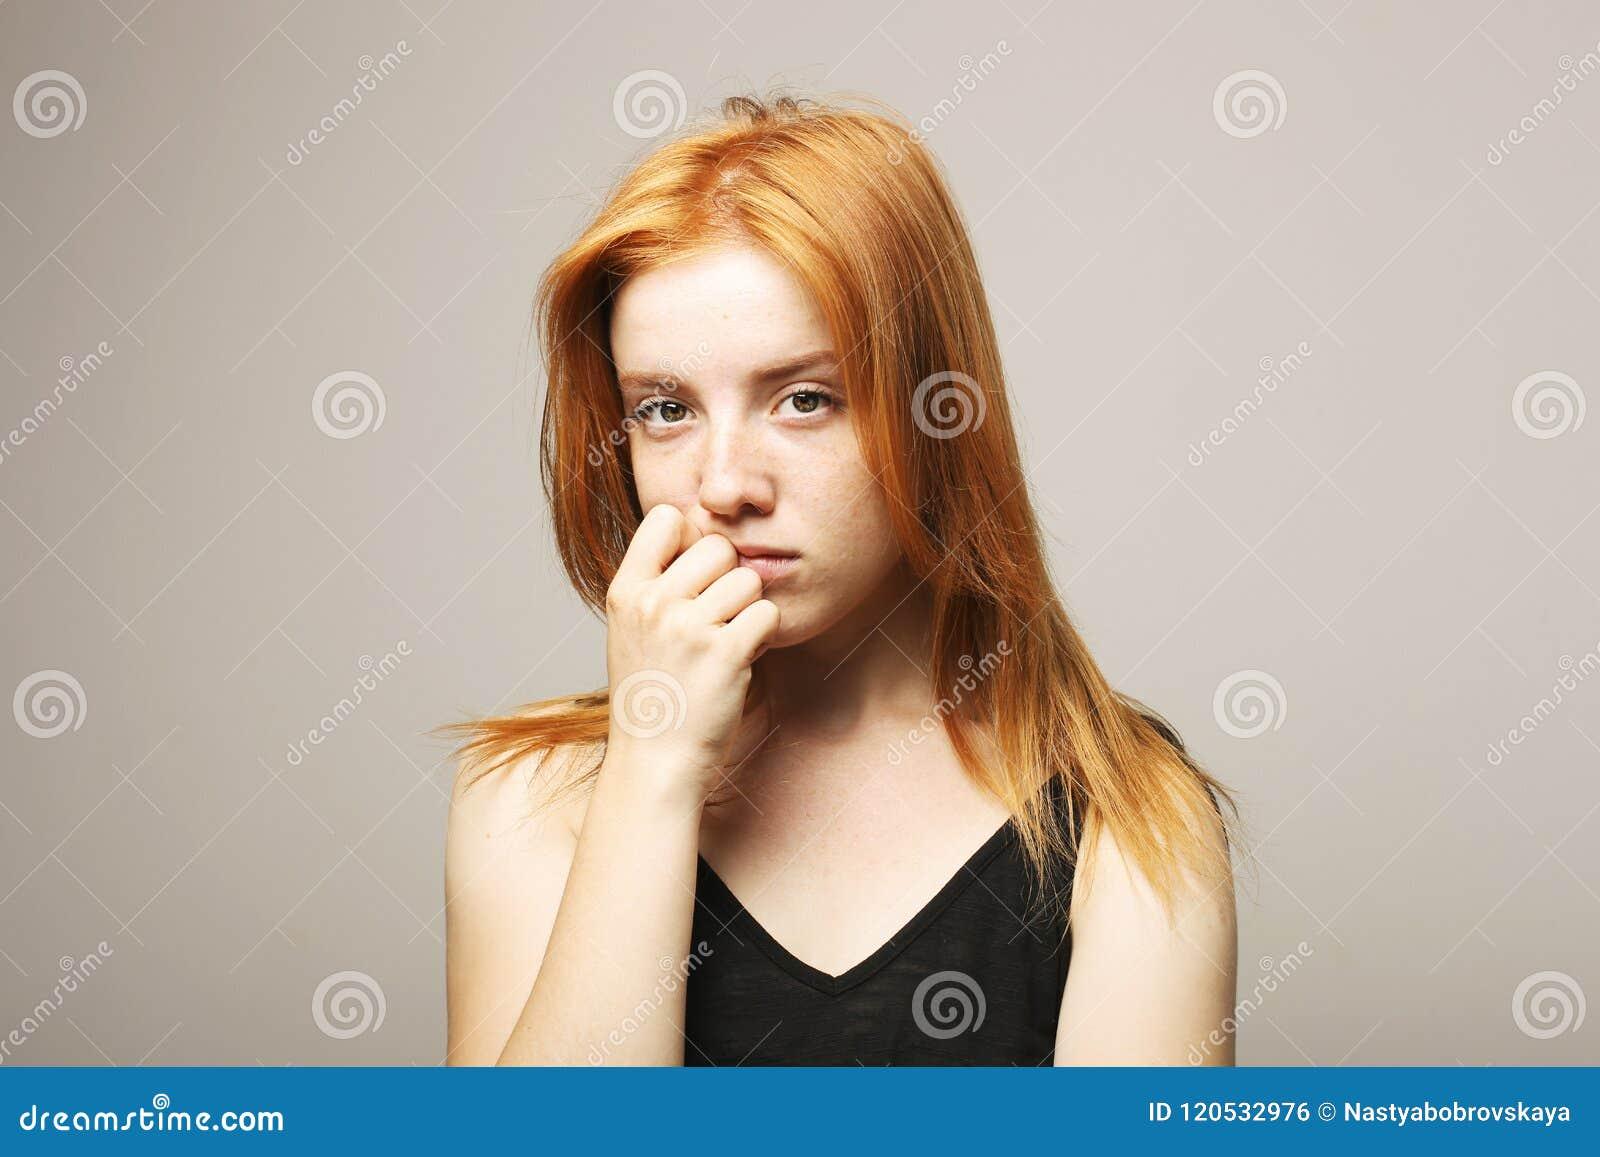 年轻美丽的妇女,有吸引力的自然红头发人,显示情感,表情,摆在被隔绝的背景